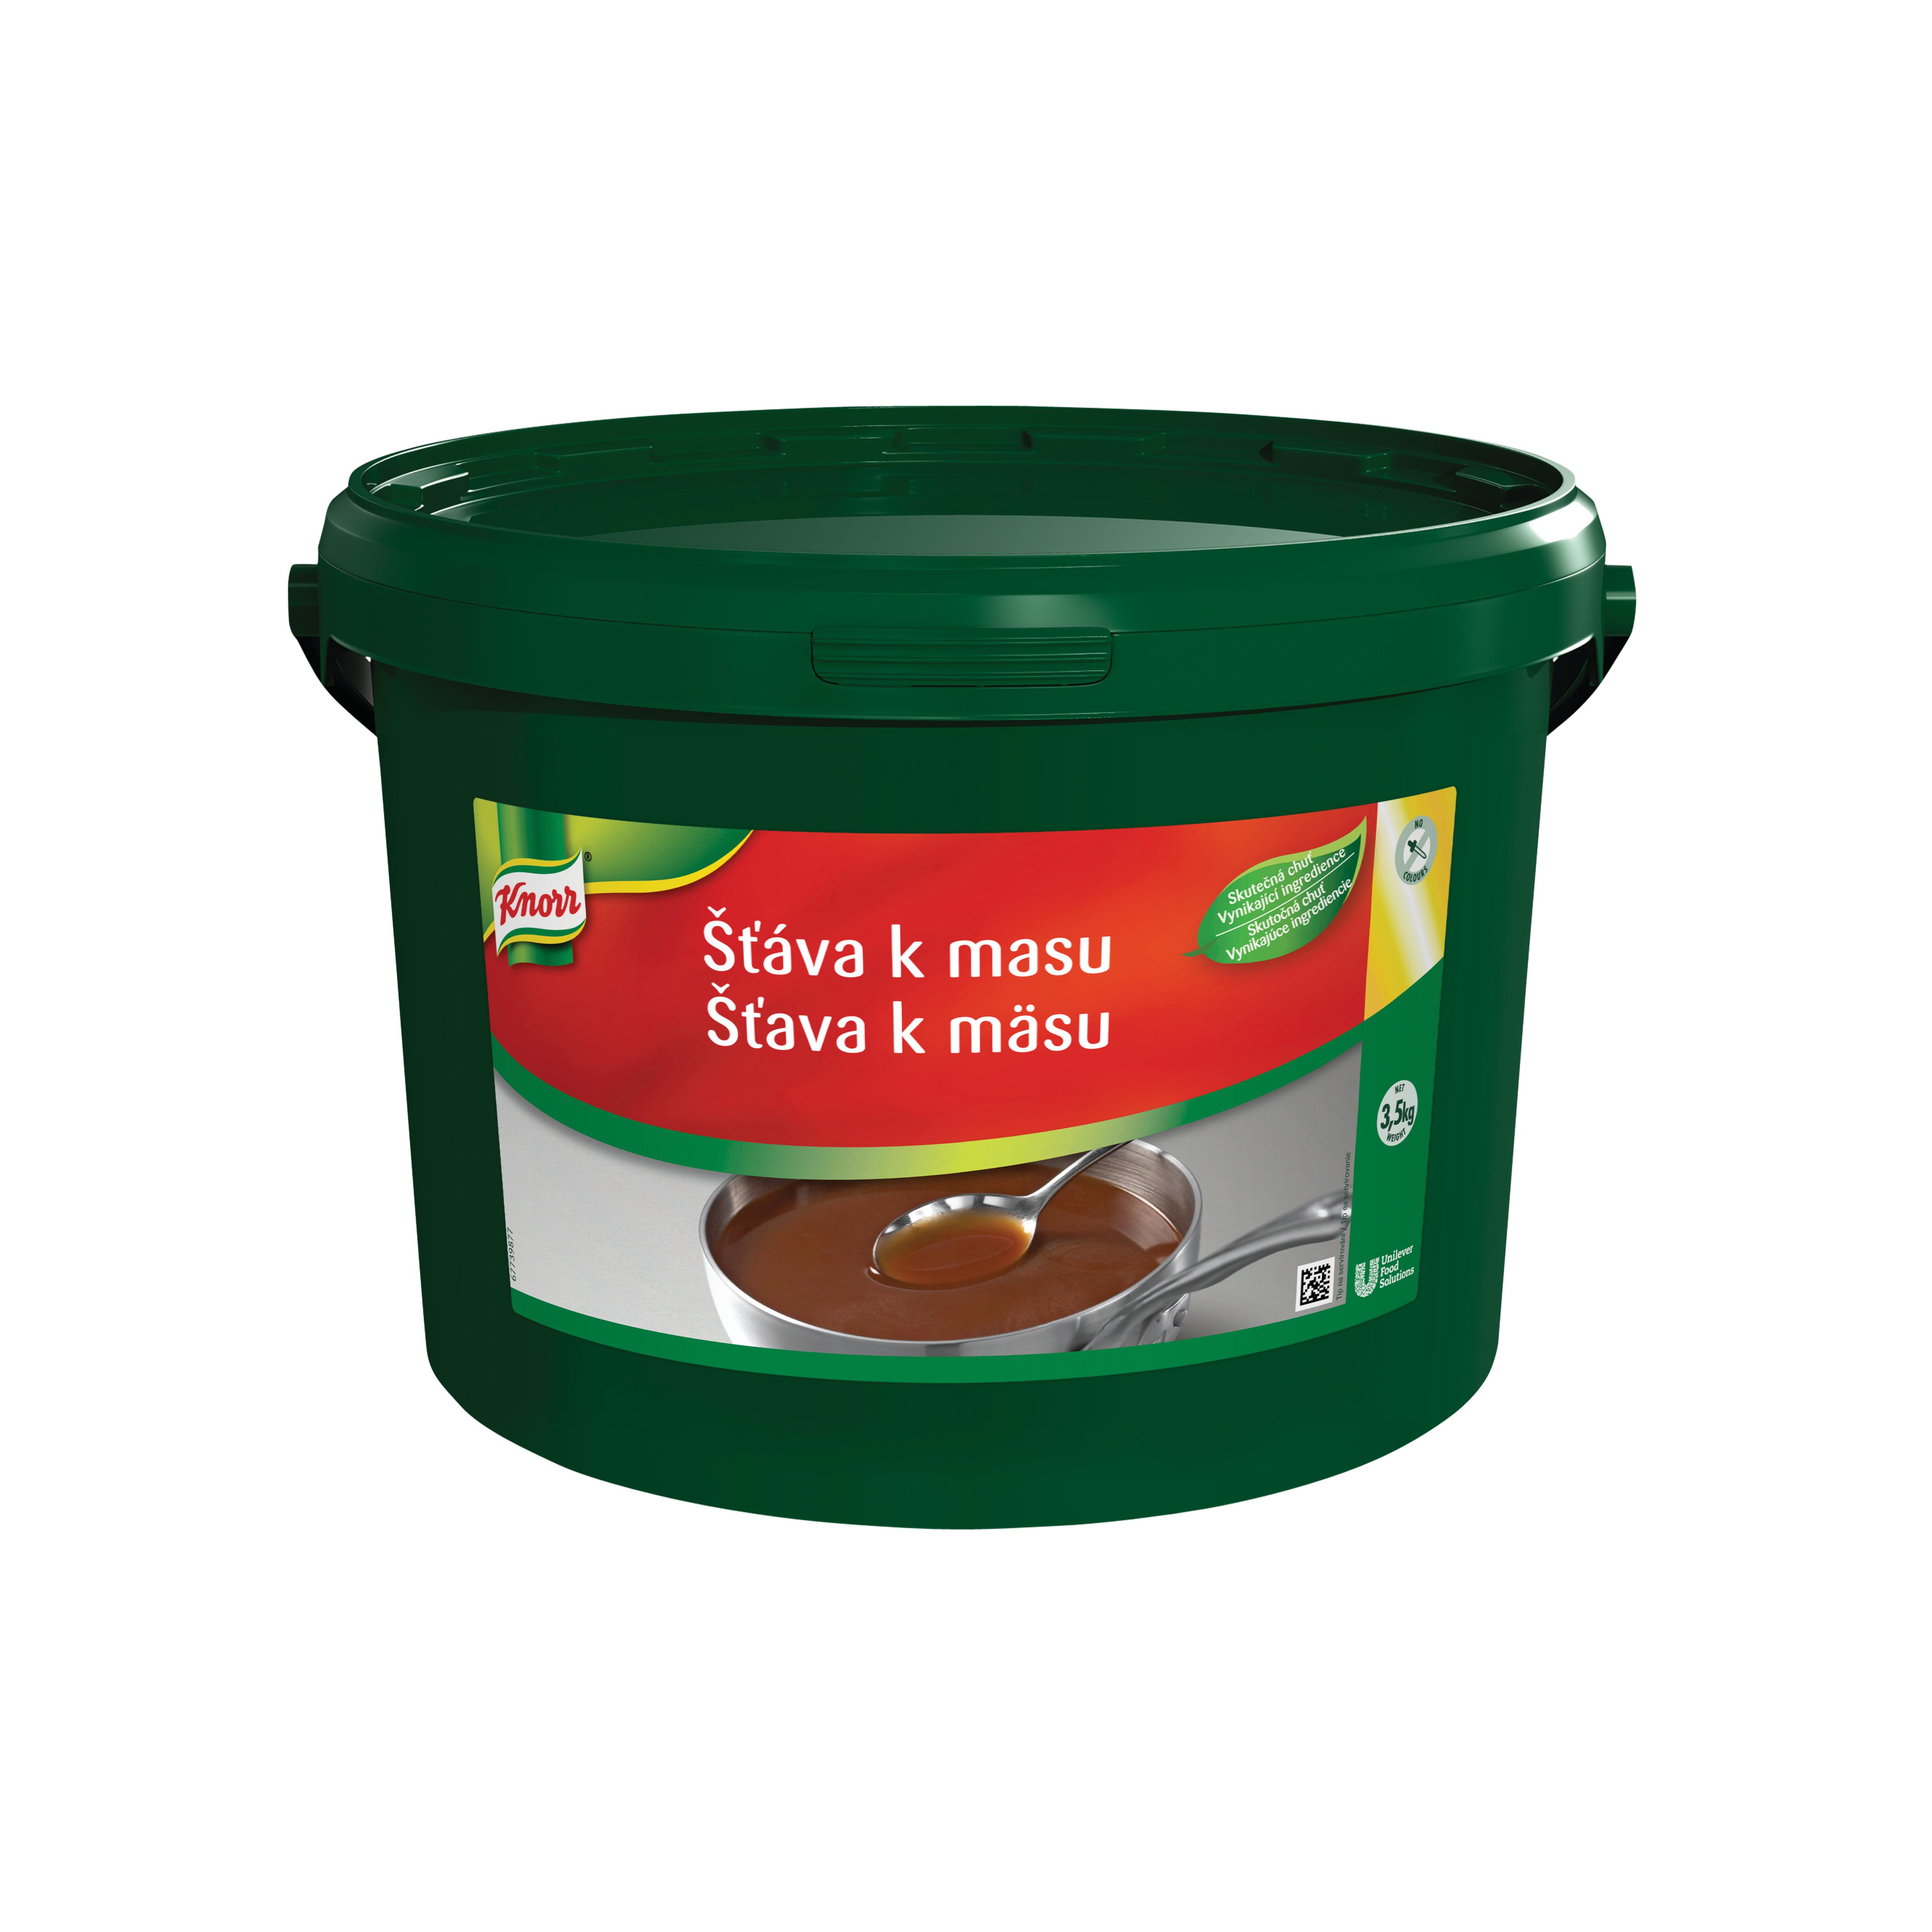 Knorr Šťava k mäsu 3,5kg - Tu je riešenie, ktoré vám umožní získať čo najviac základnej hnedej omáčky podľa potreby.